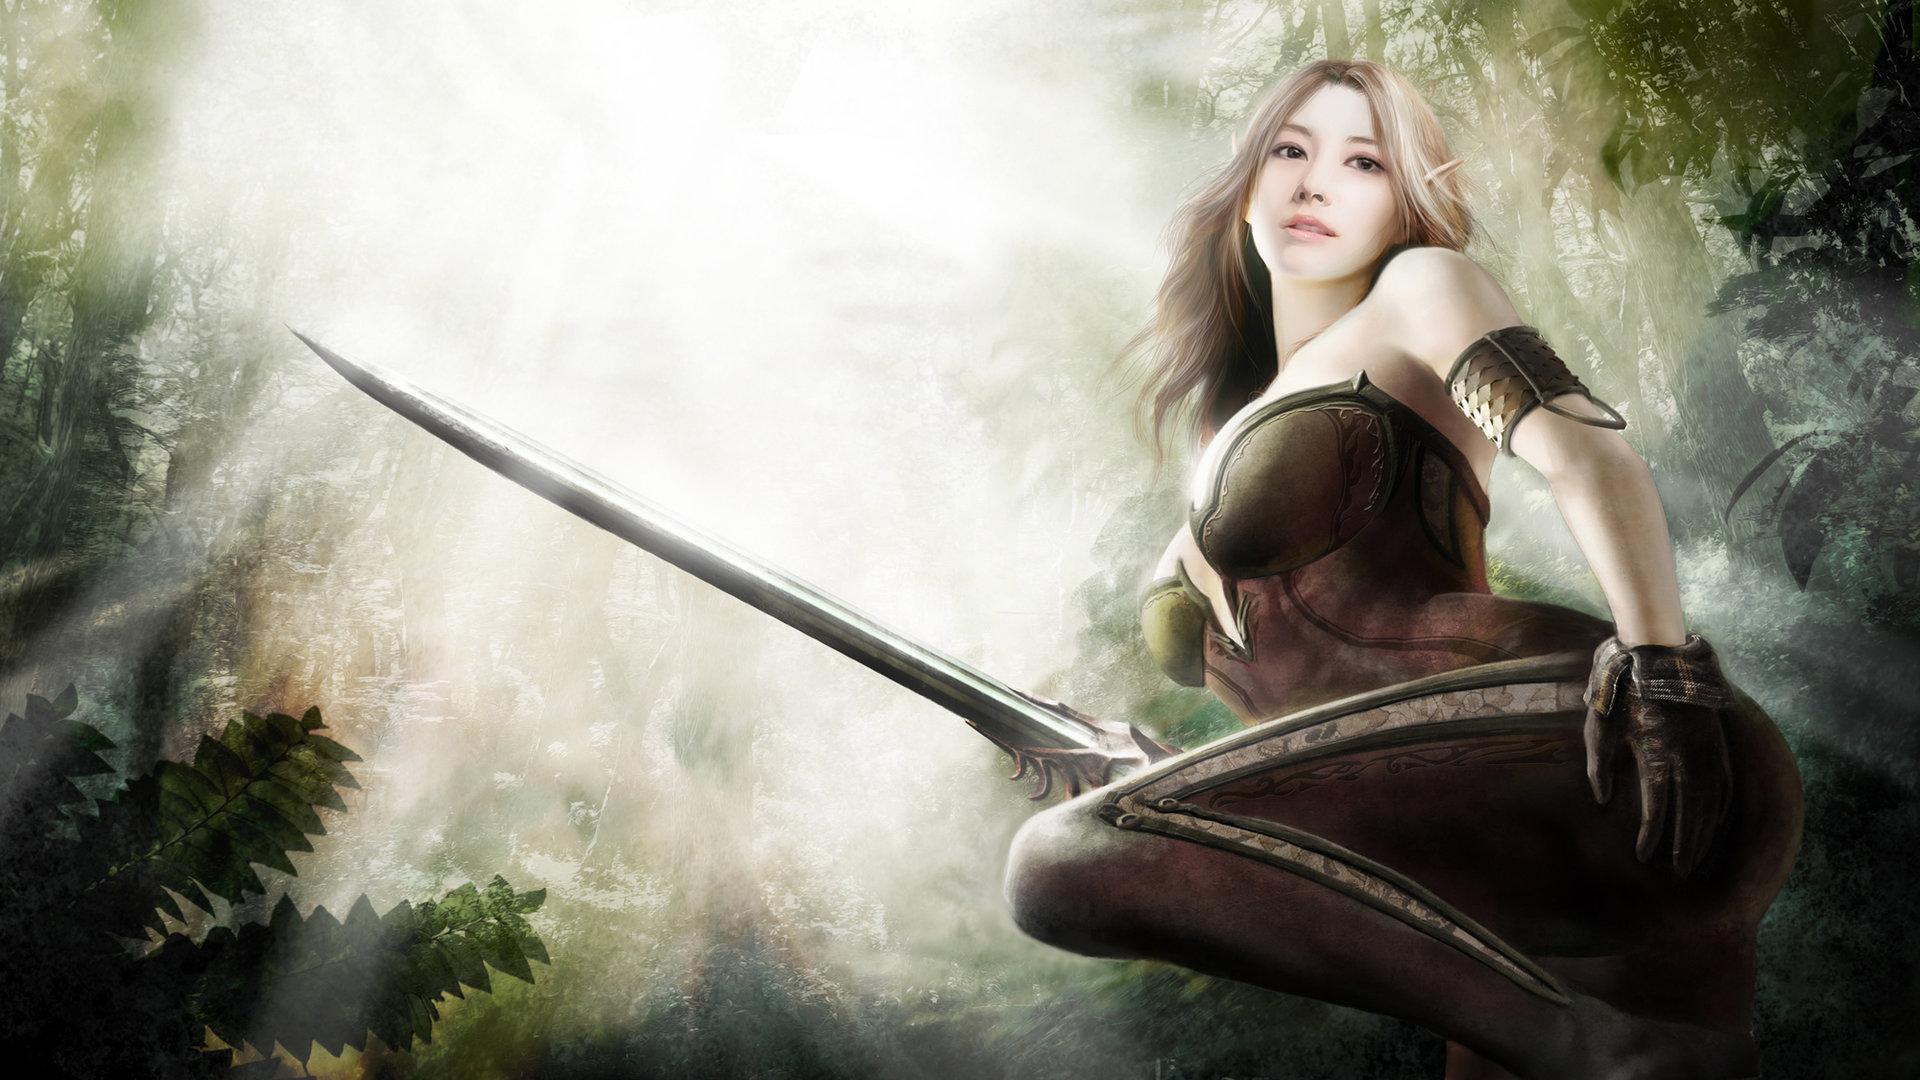 warrior elf desktop wallpapers - photo #26